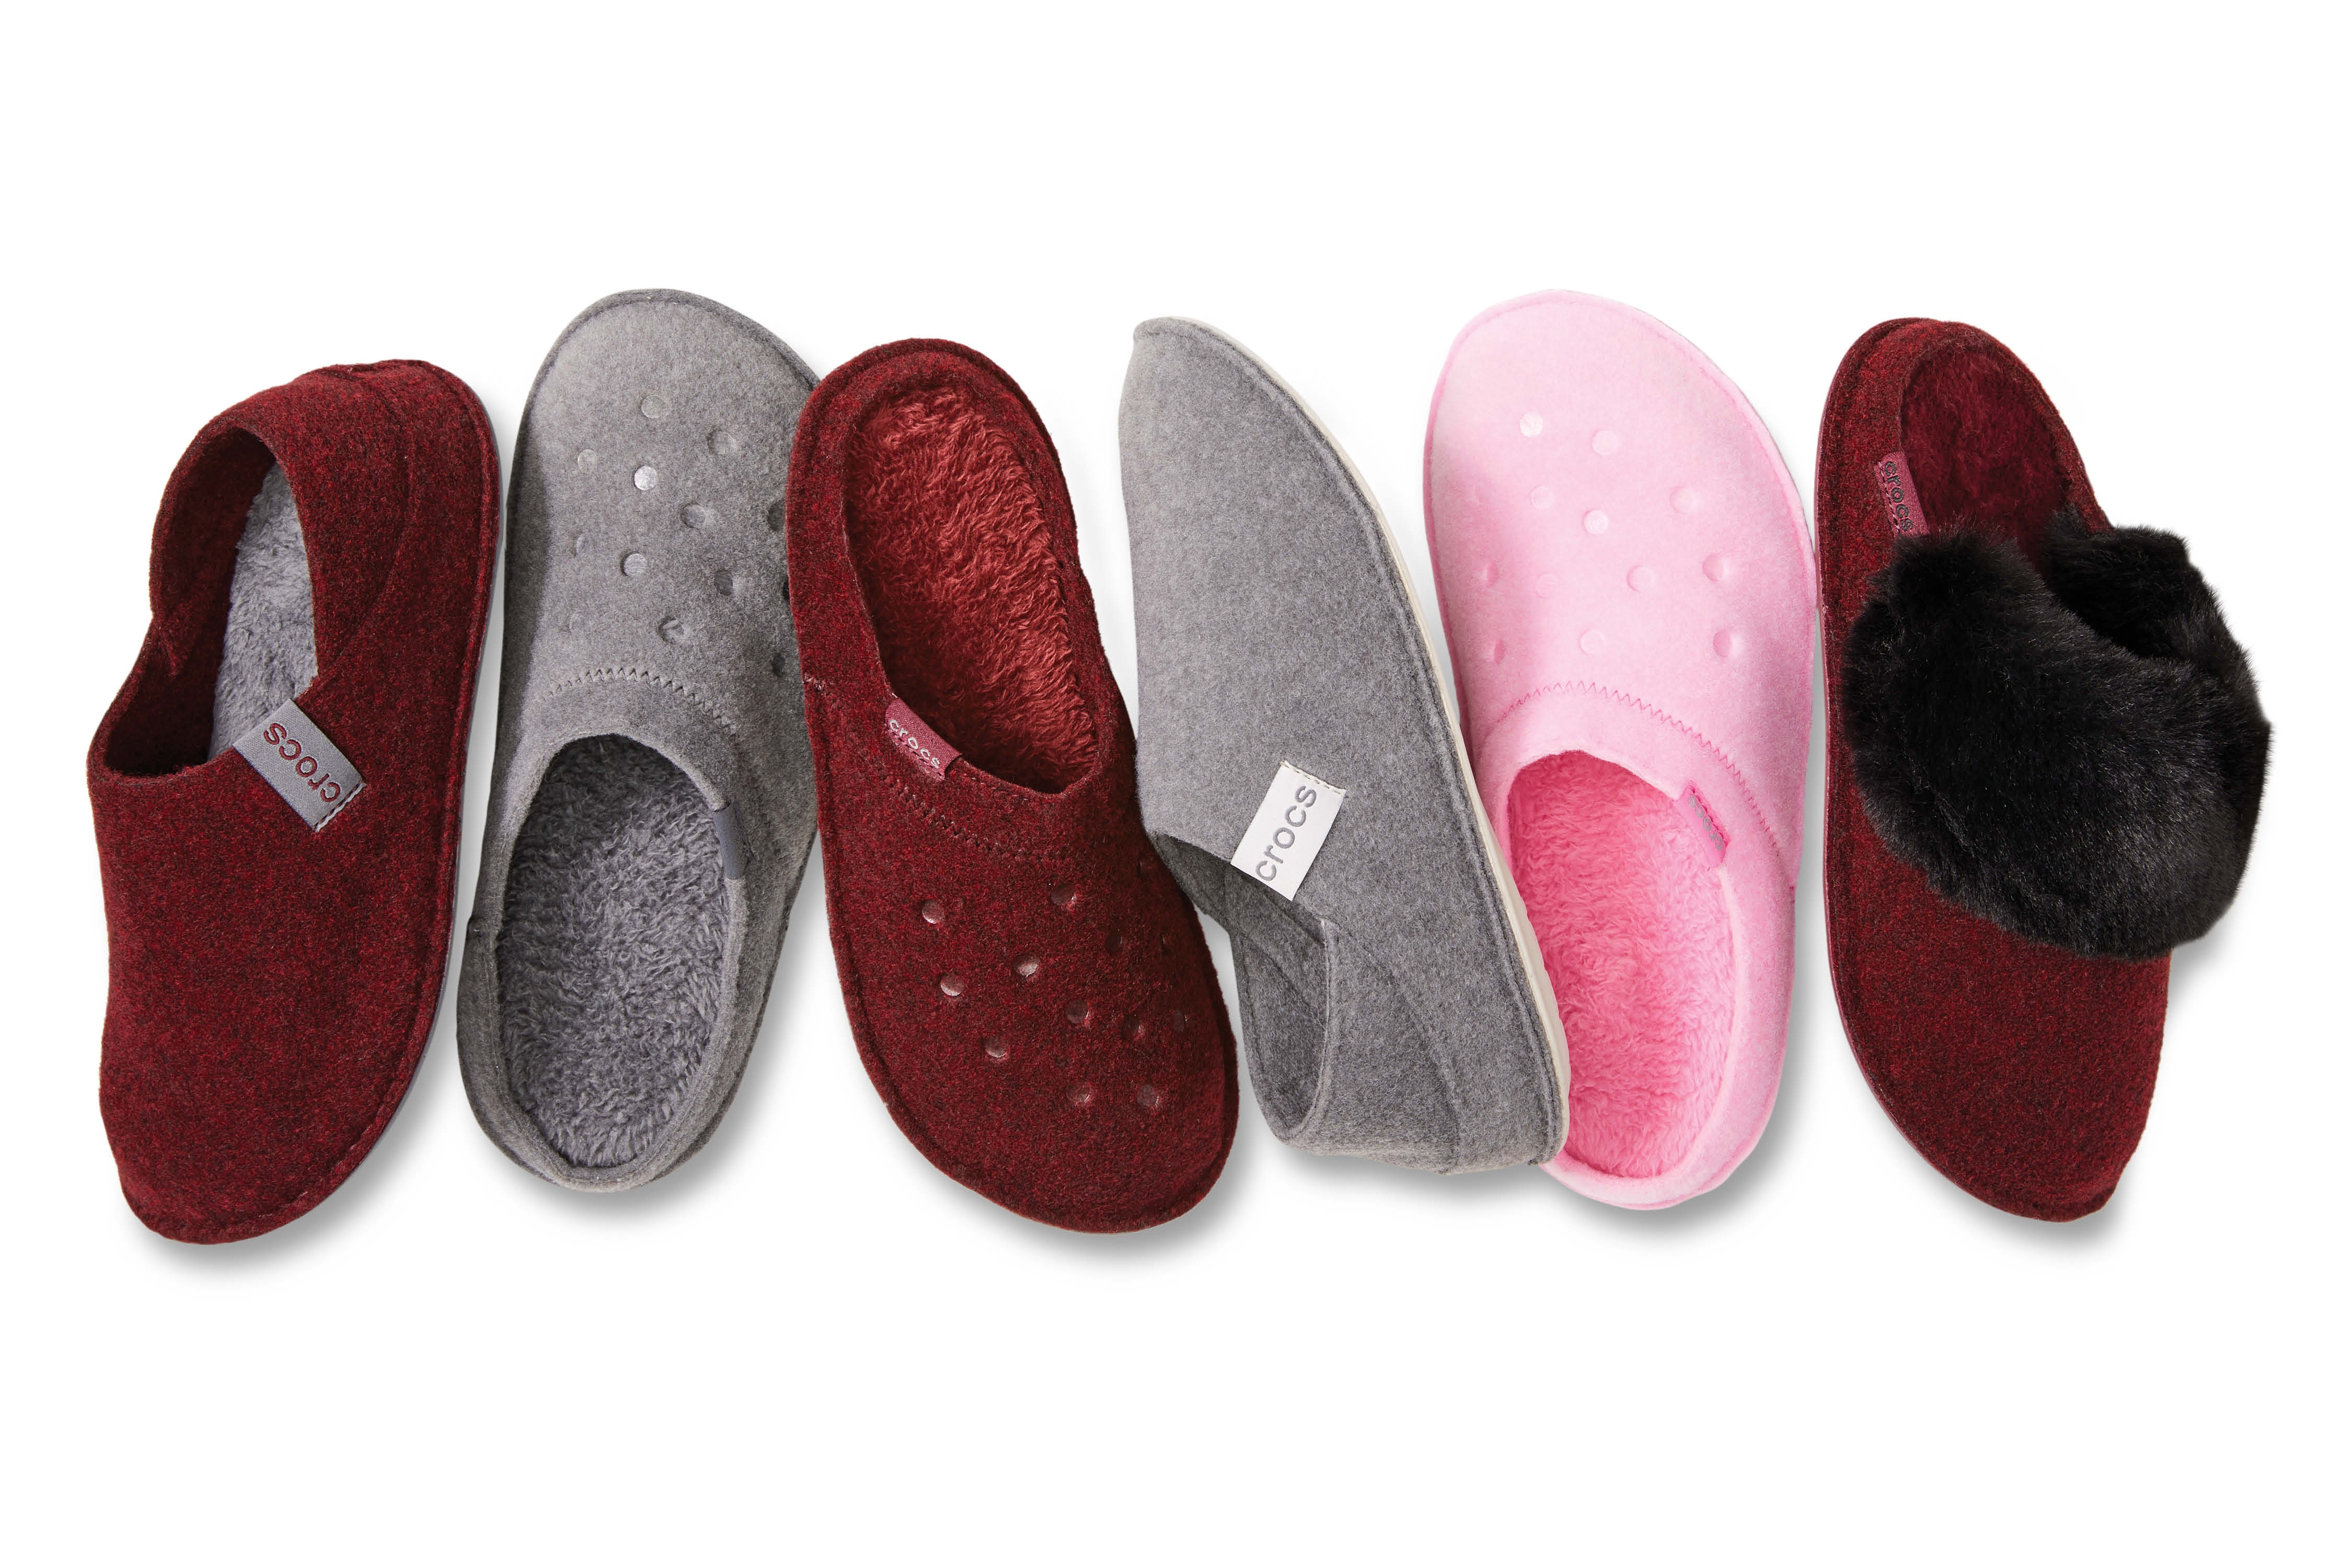 Утепляемся: тапочки Crocs для уютной зимы-Фото 2